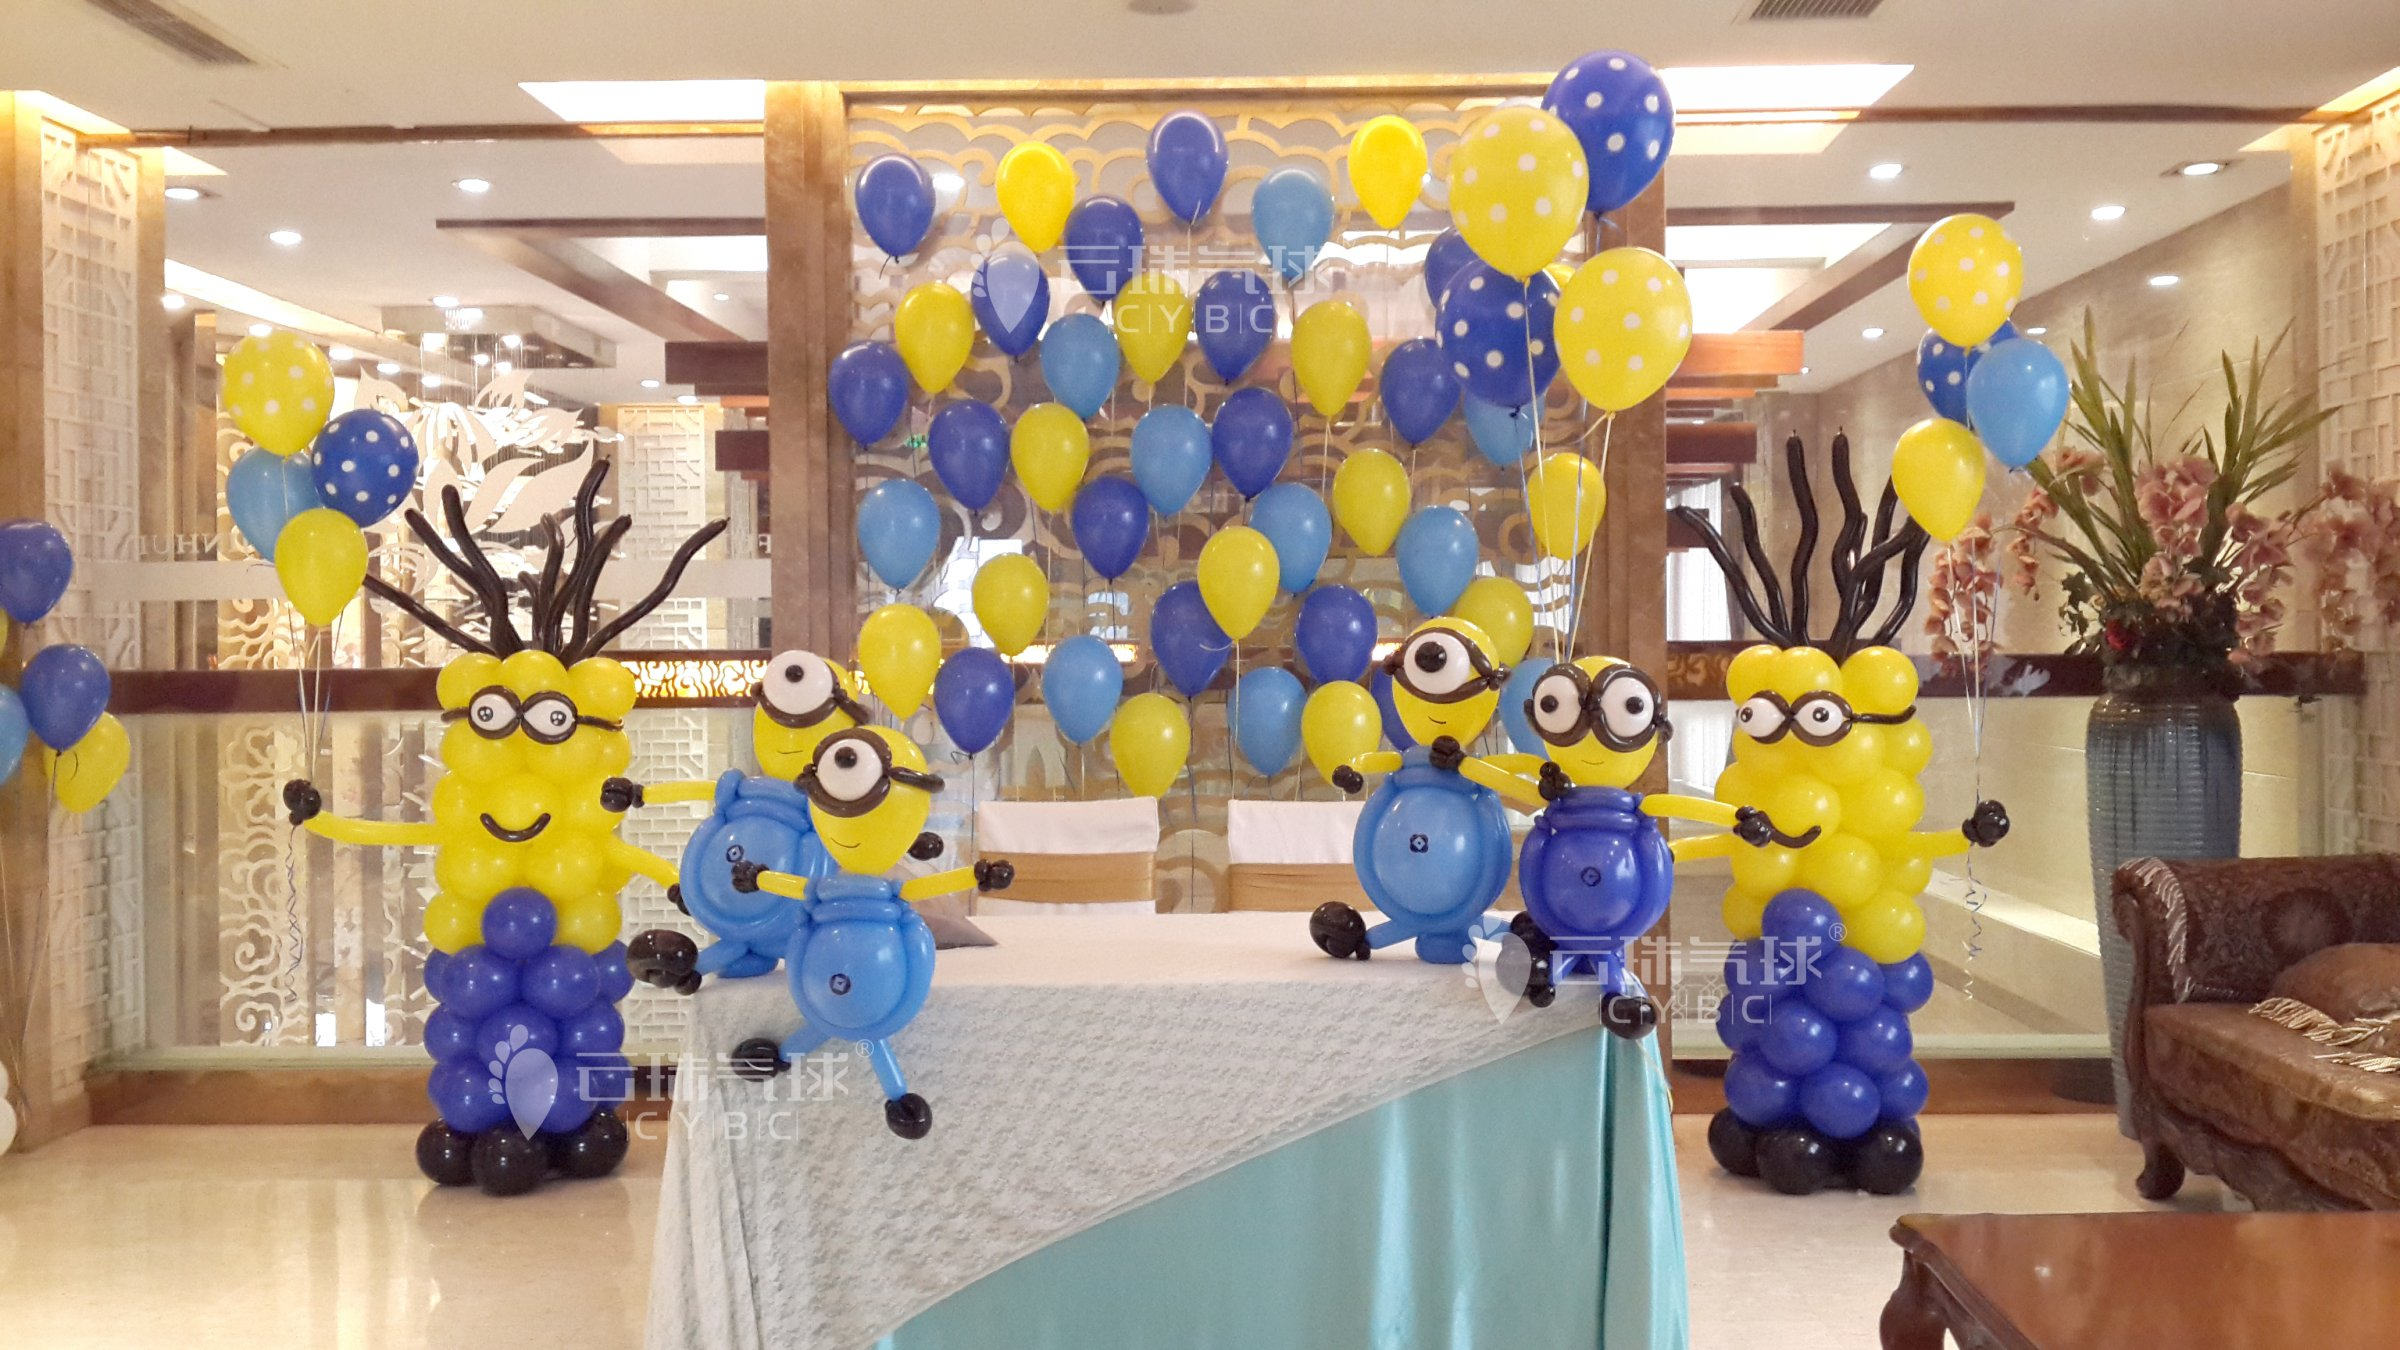 供应小黄人气球造型/成都气球百日宴/主题宝宝宴气球装饰/气球装饰造型